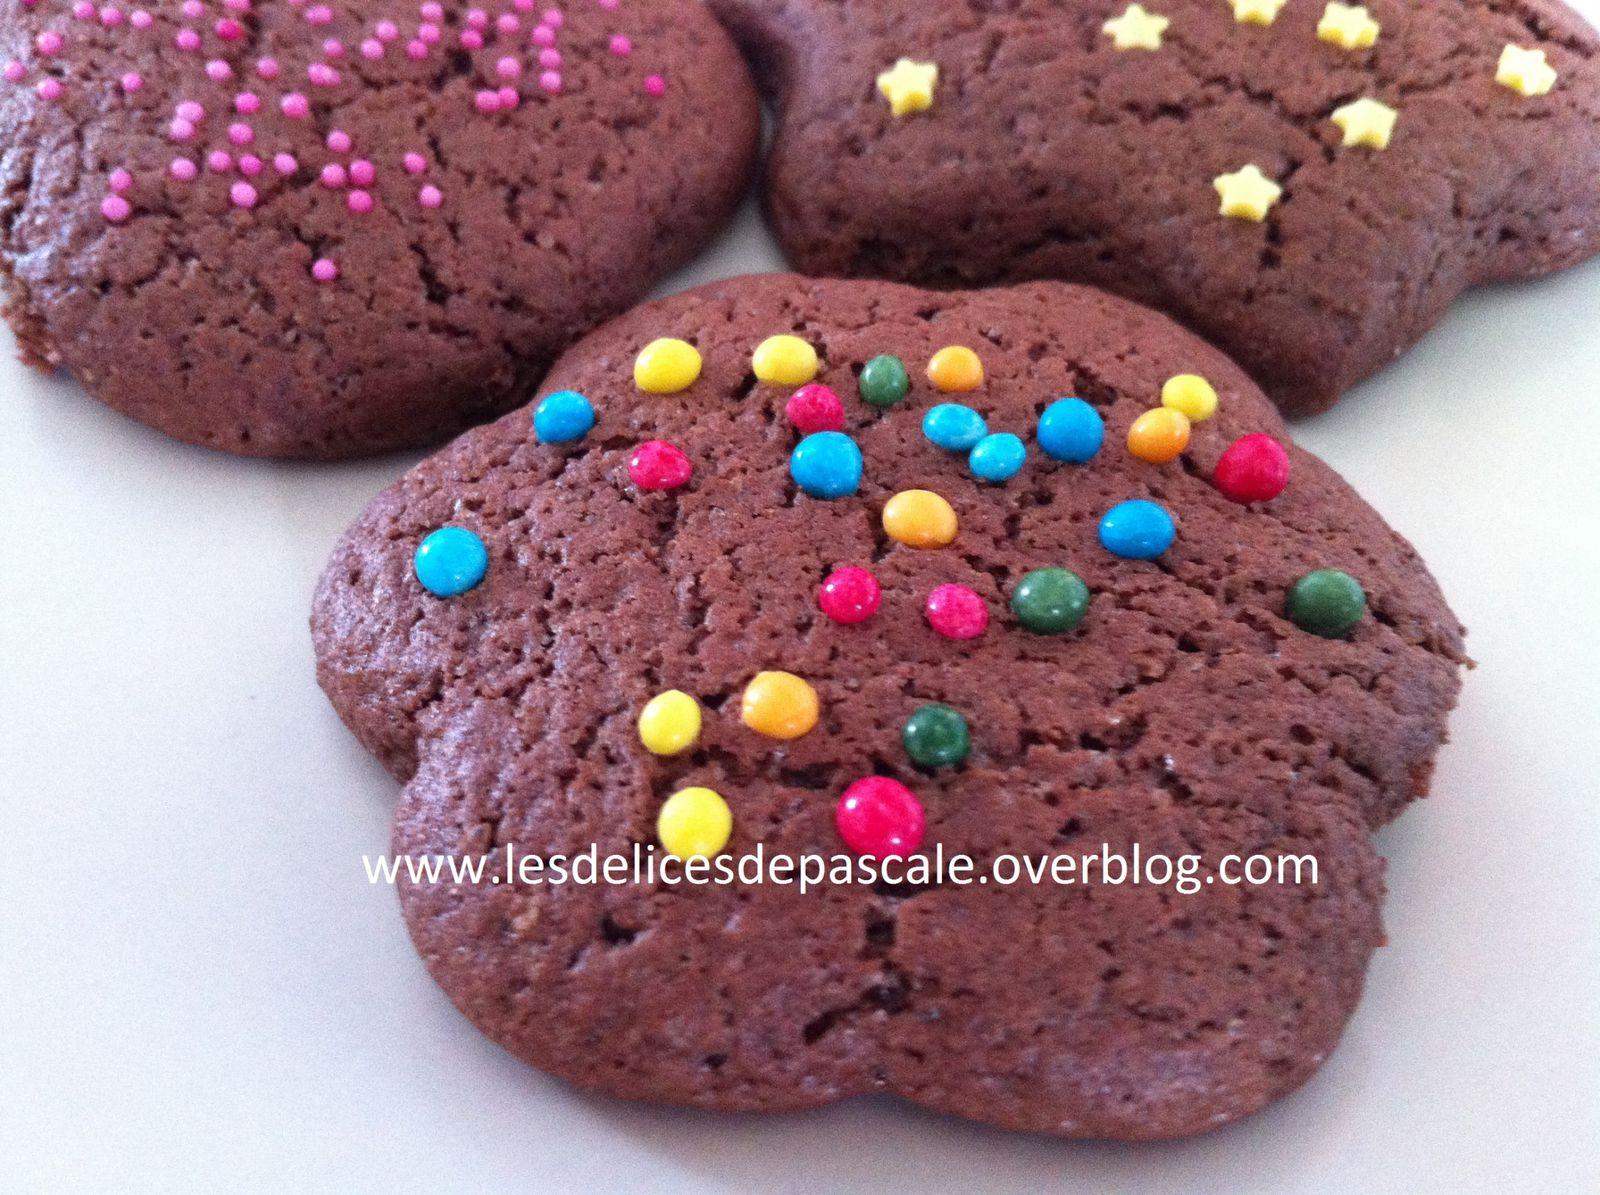 biscuits au chocolat leurs envies ma cuisine. Black Bedroom Furniture Sets. Home Design Ideas